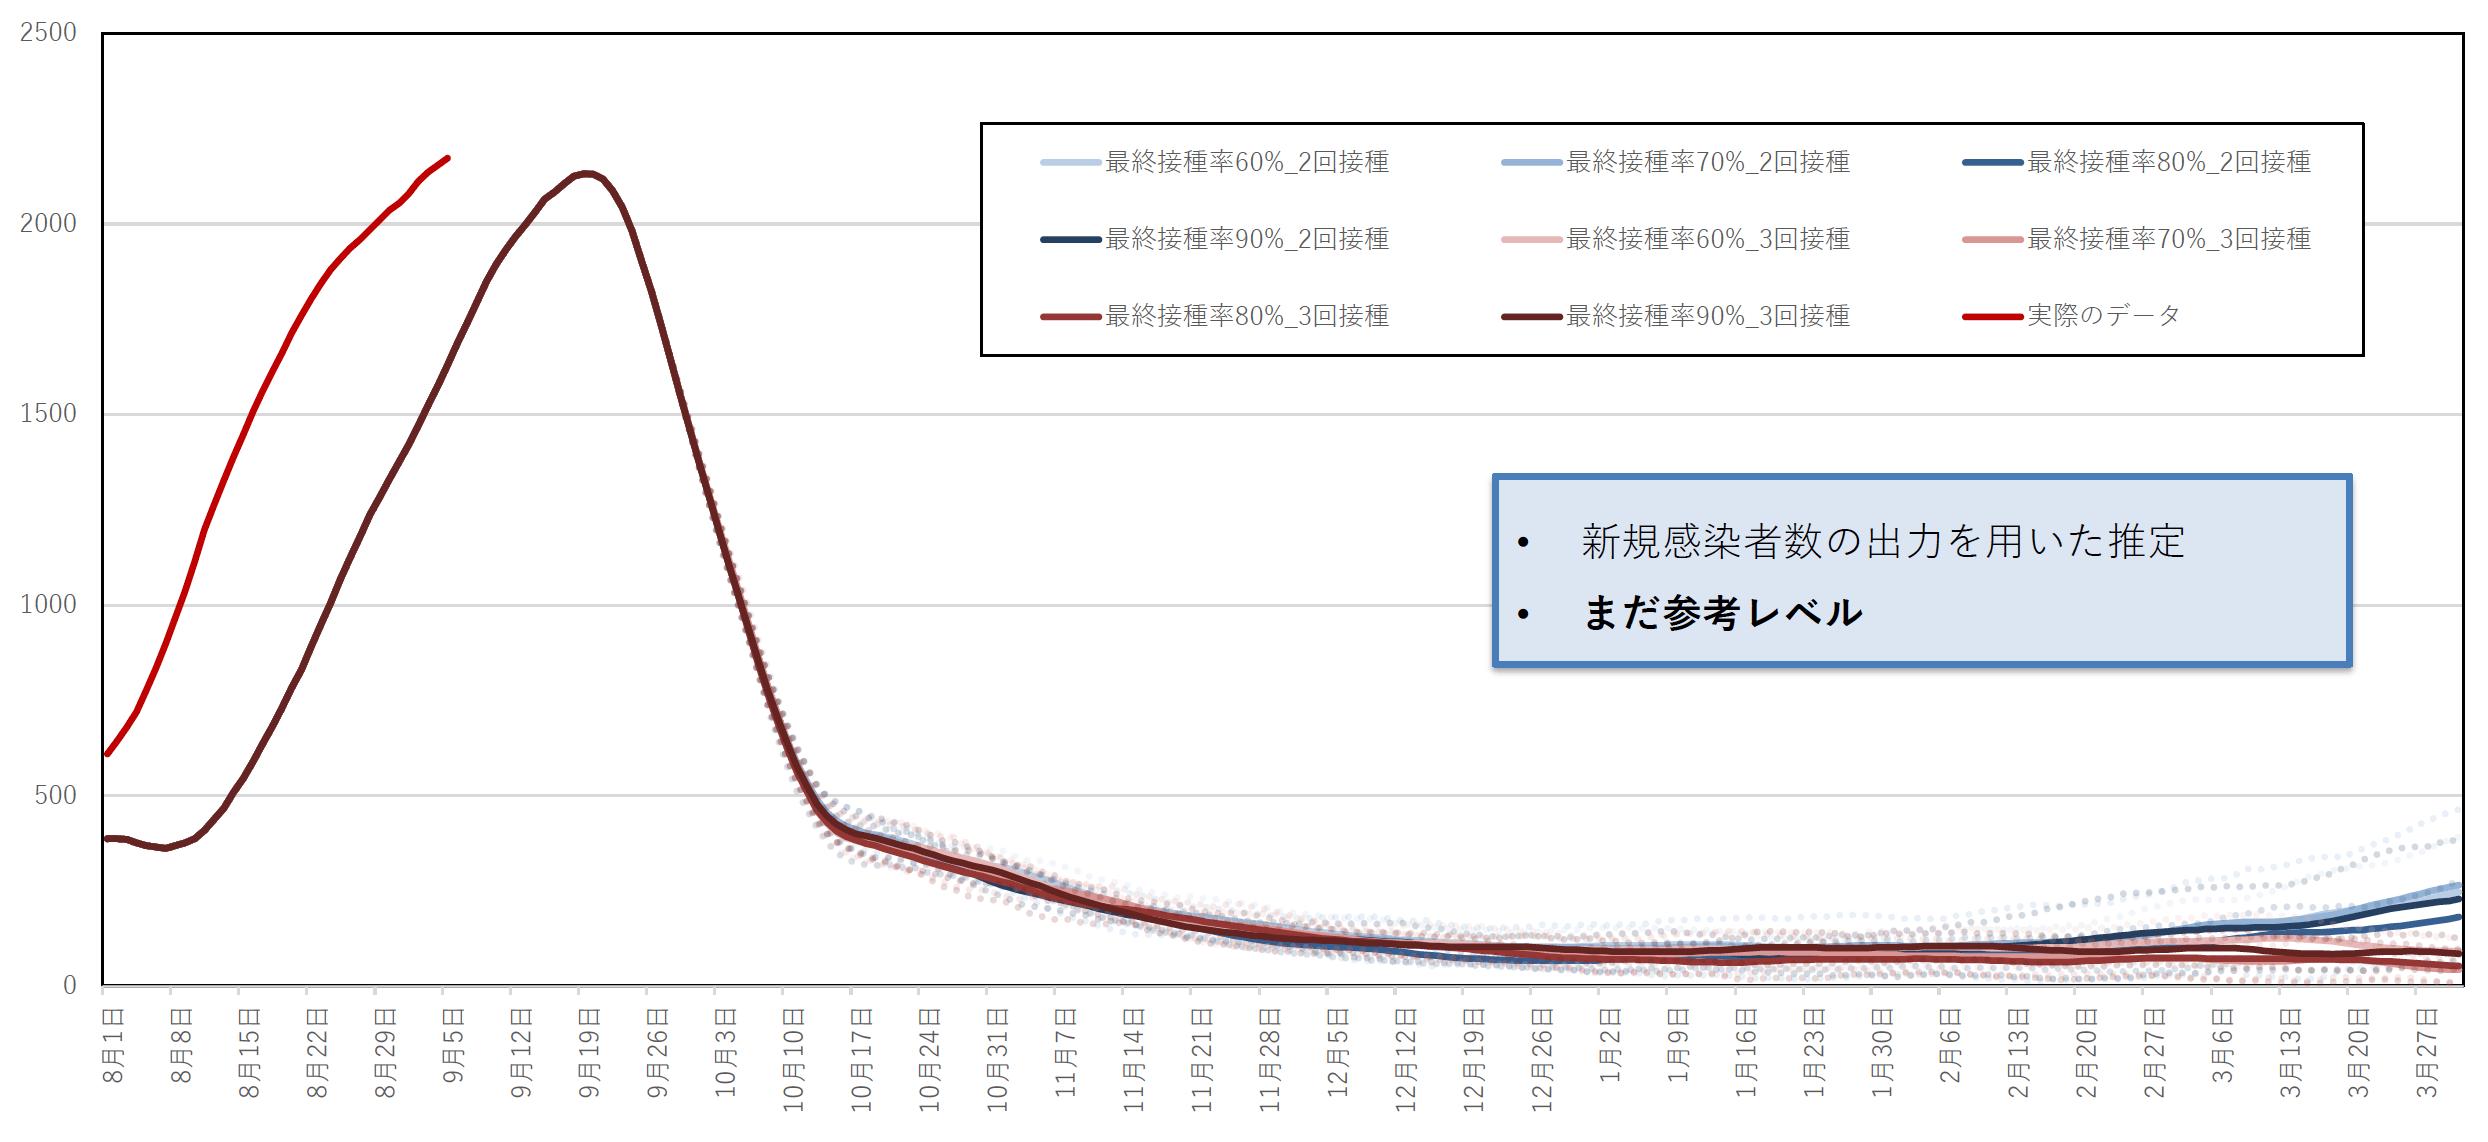 東京の新規陽性者数